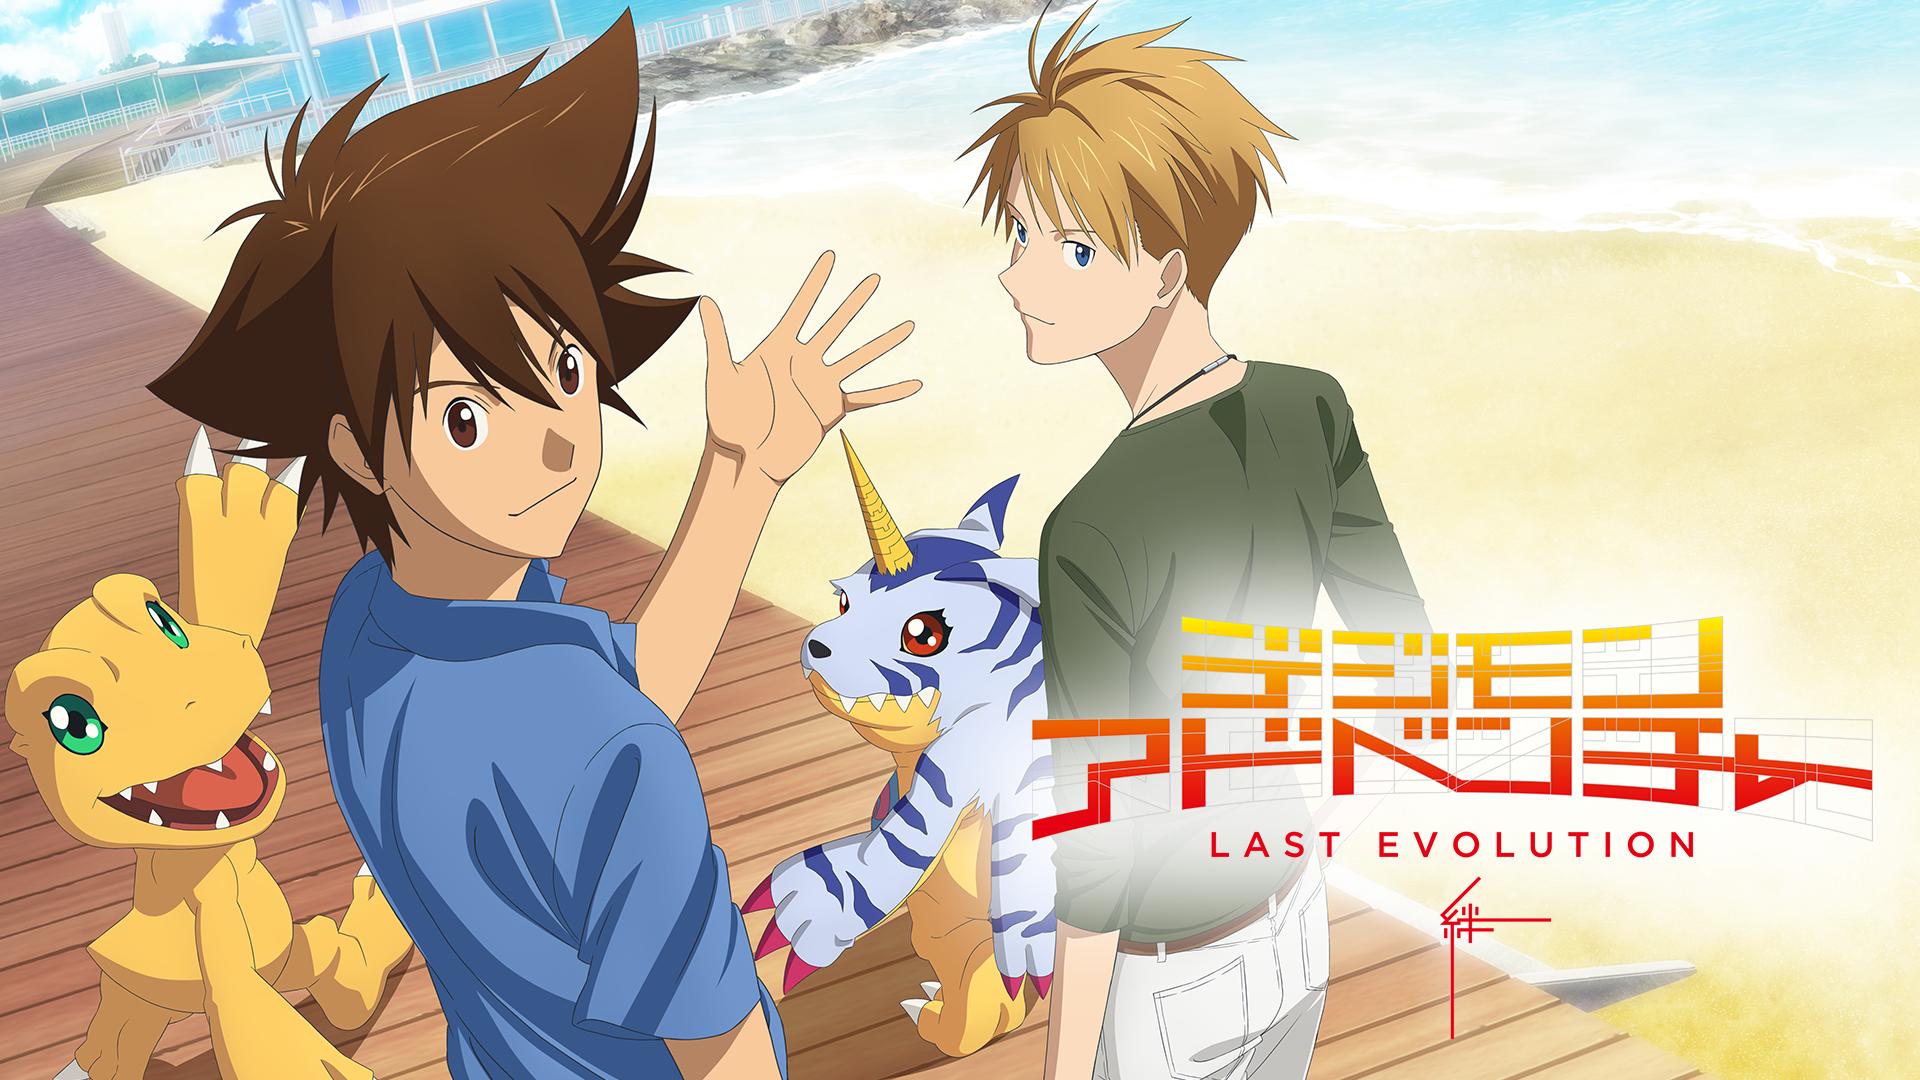 映画『劇場版 デジモンアドベンチャー LAST EVOLUTION 絆』無料動画!フル視聴できる方法を調査!おすすめ動画配信サービスは?